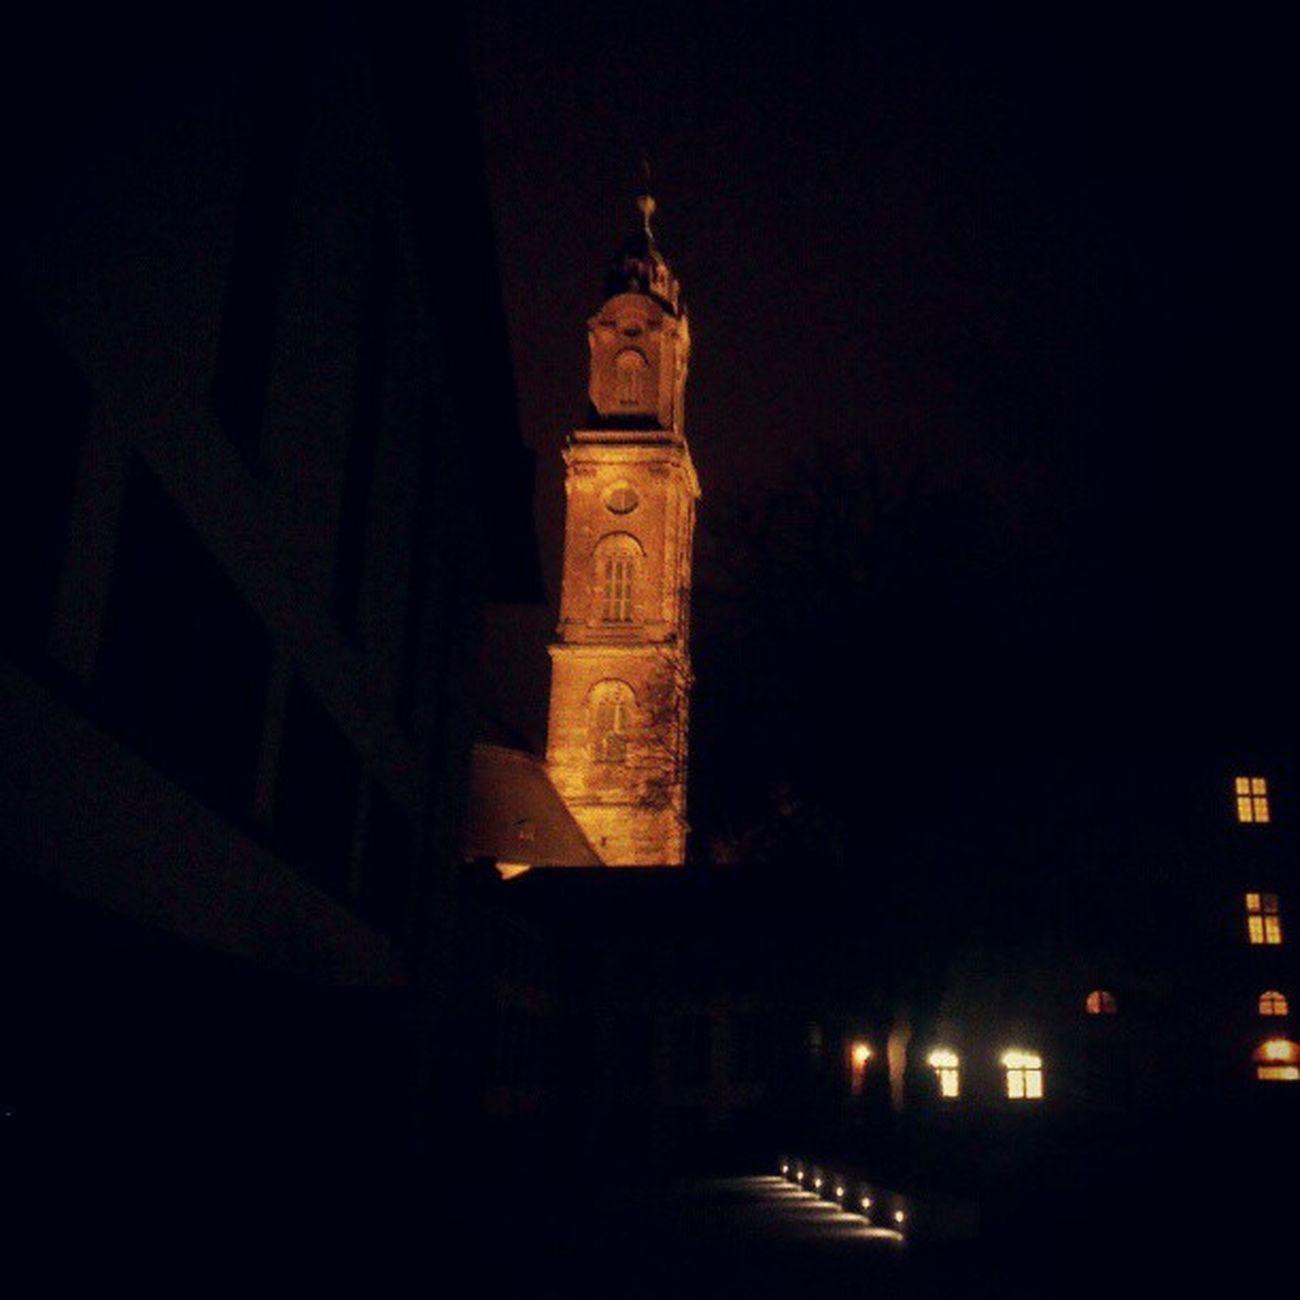 Der angestrahlte Turm der #Jesuitenkirche in #Heidelberg bei #Nacht. Heidelberg Nacht Jesuitenkirche